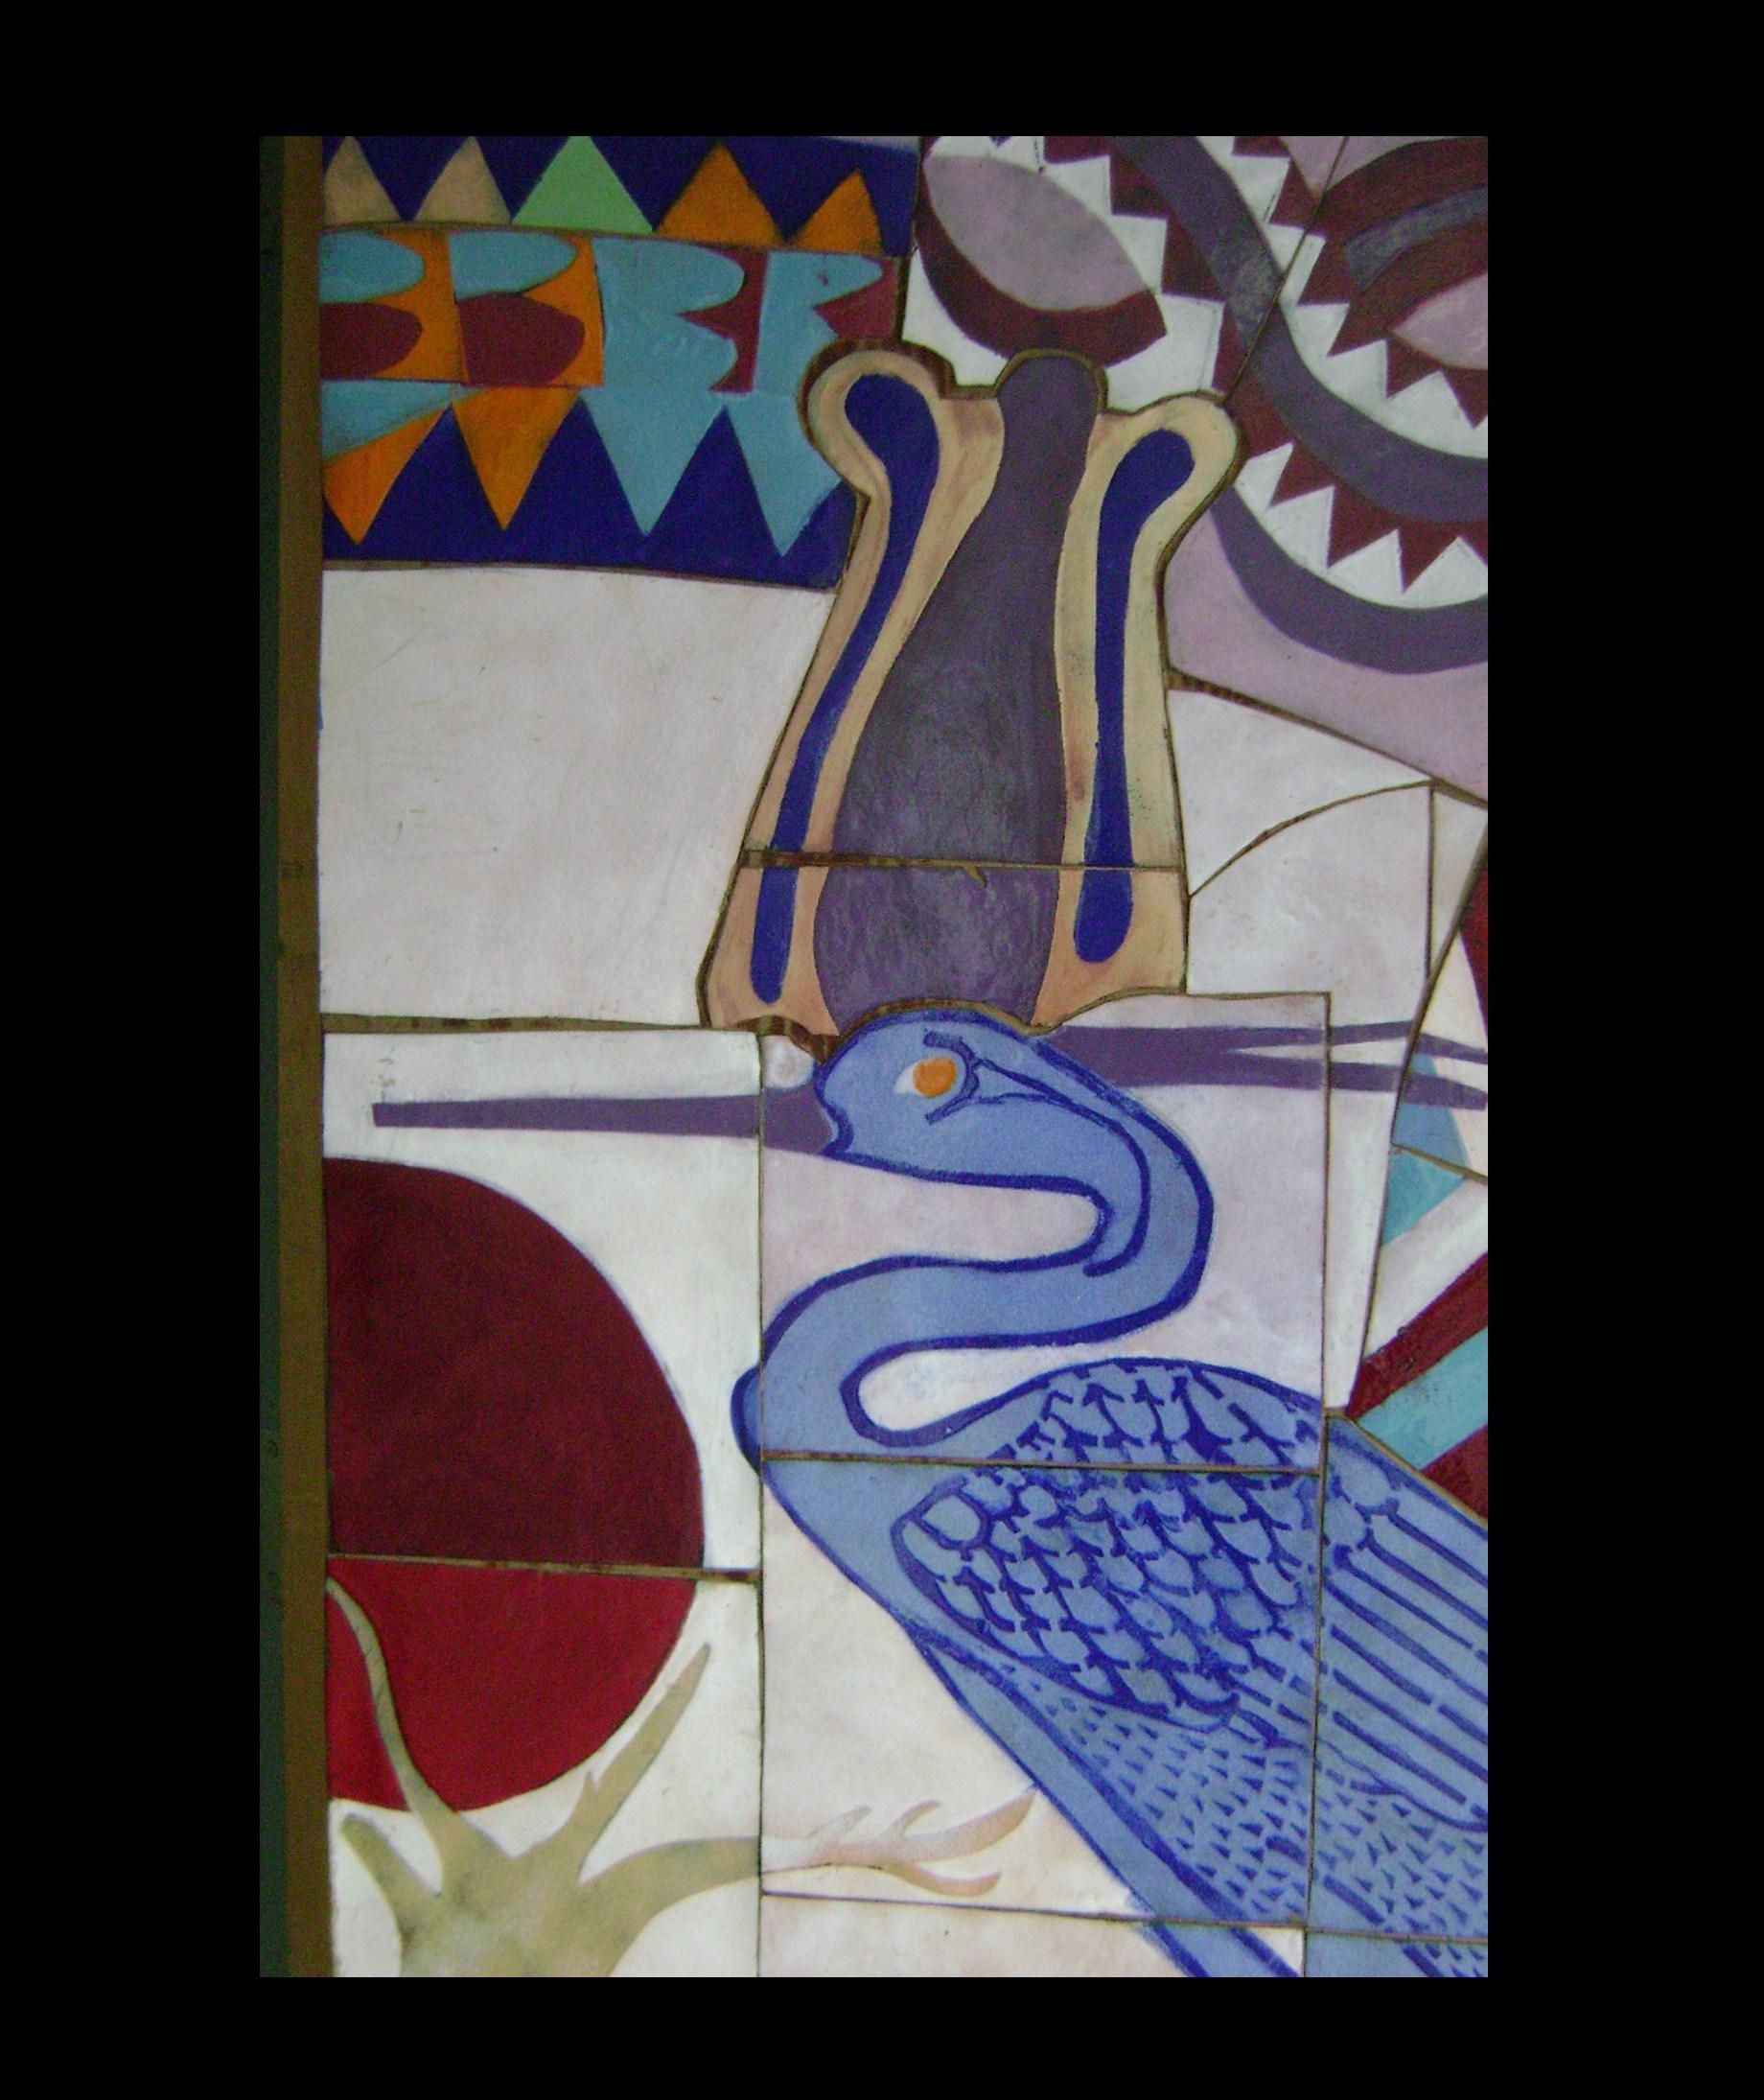 Nyame Birbi Wo Soro (detail)